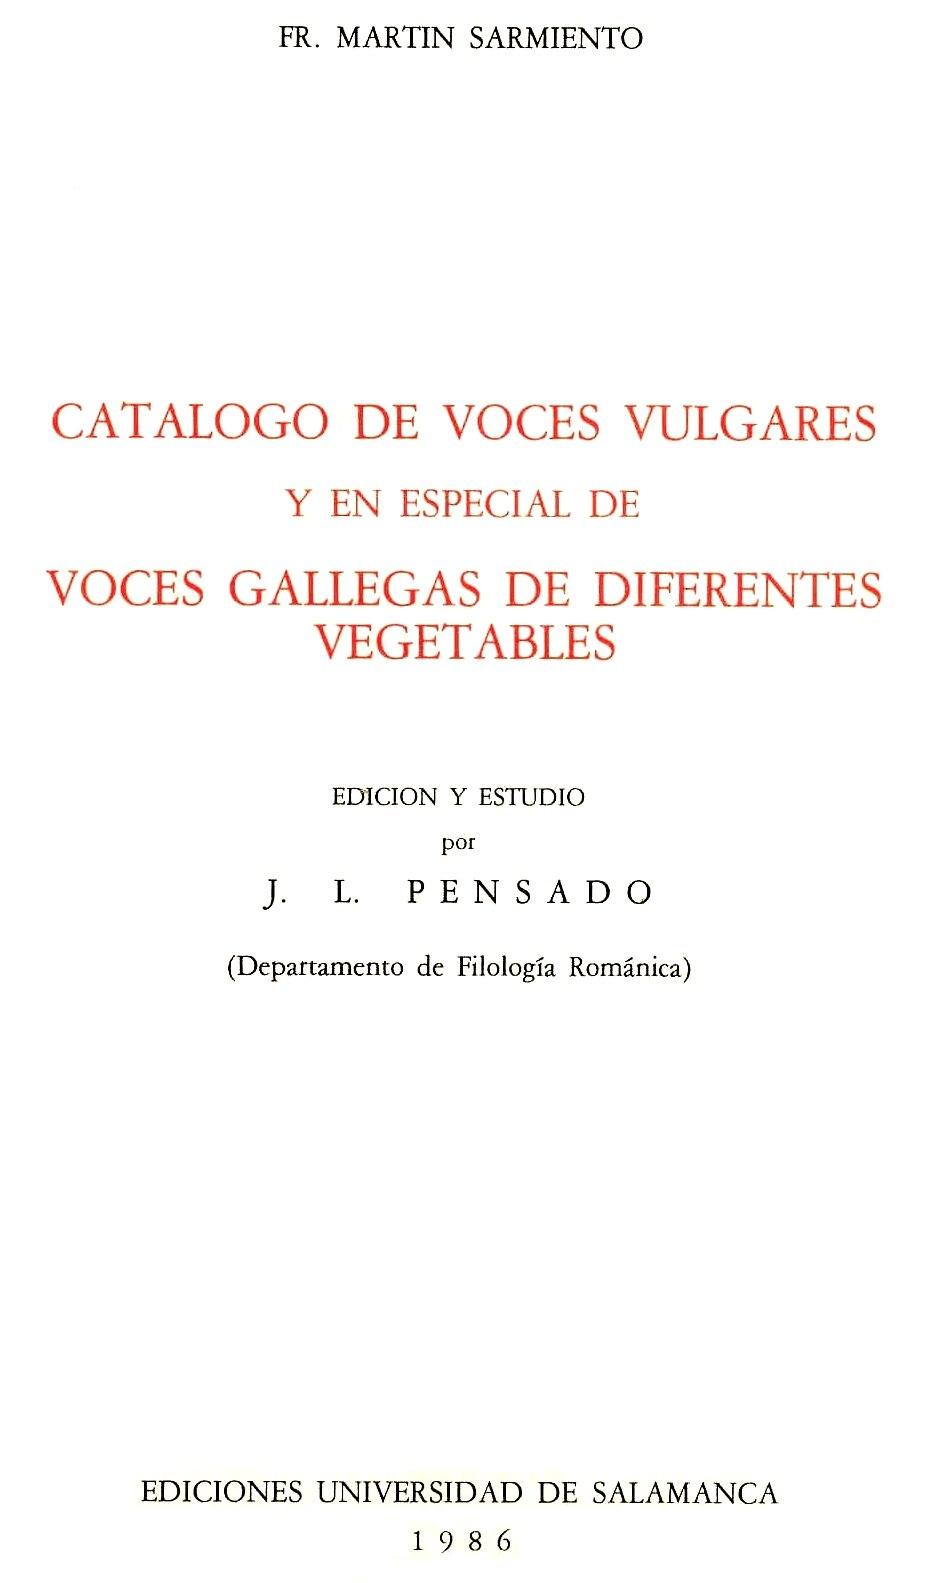 Catálogo de voces vulgares y en especial de voces gallegas de diferentes vegetales, 1996